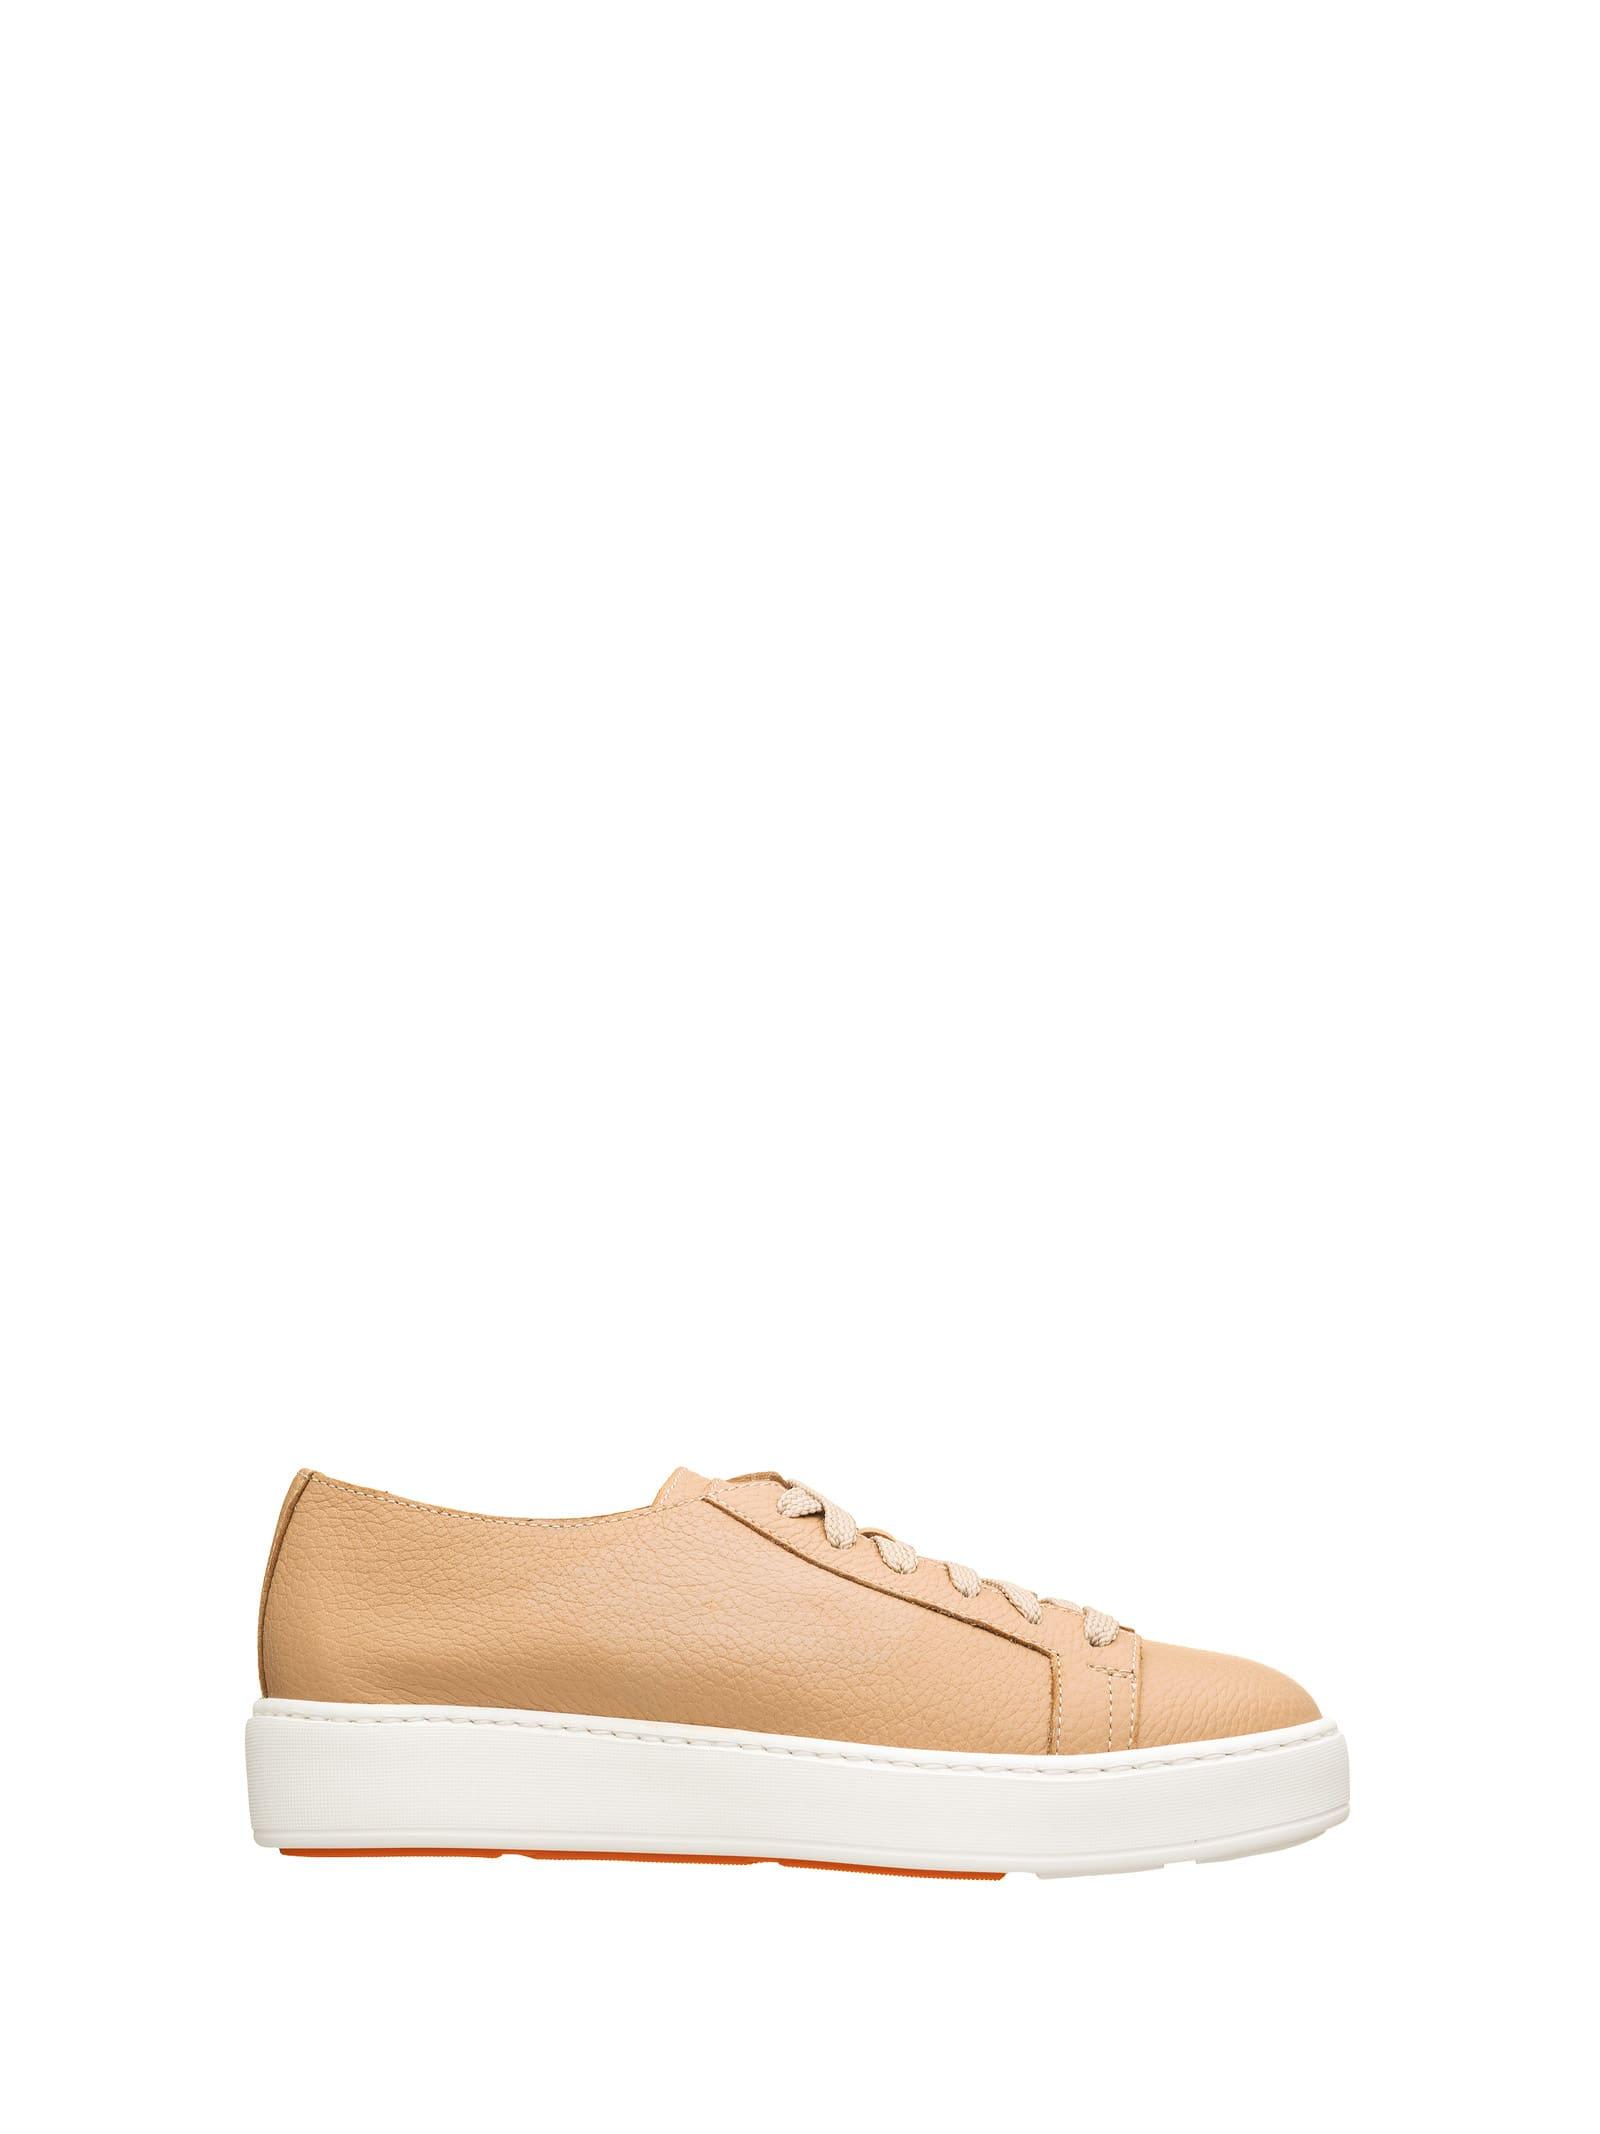 Santoni Santoni Beige Leather Sneakers